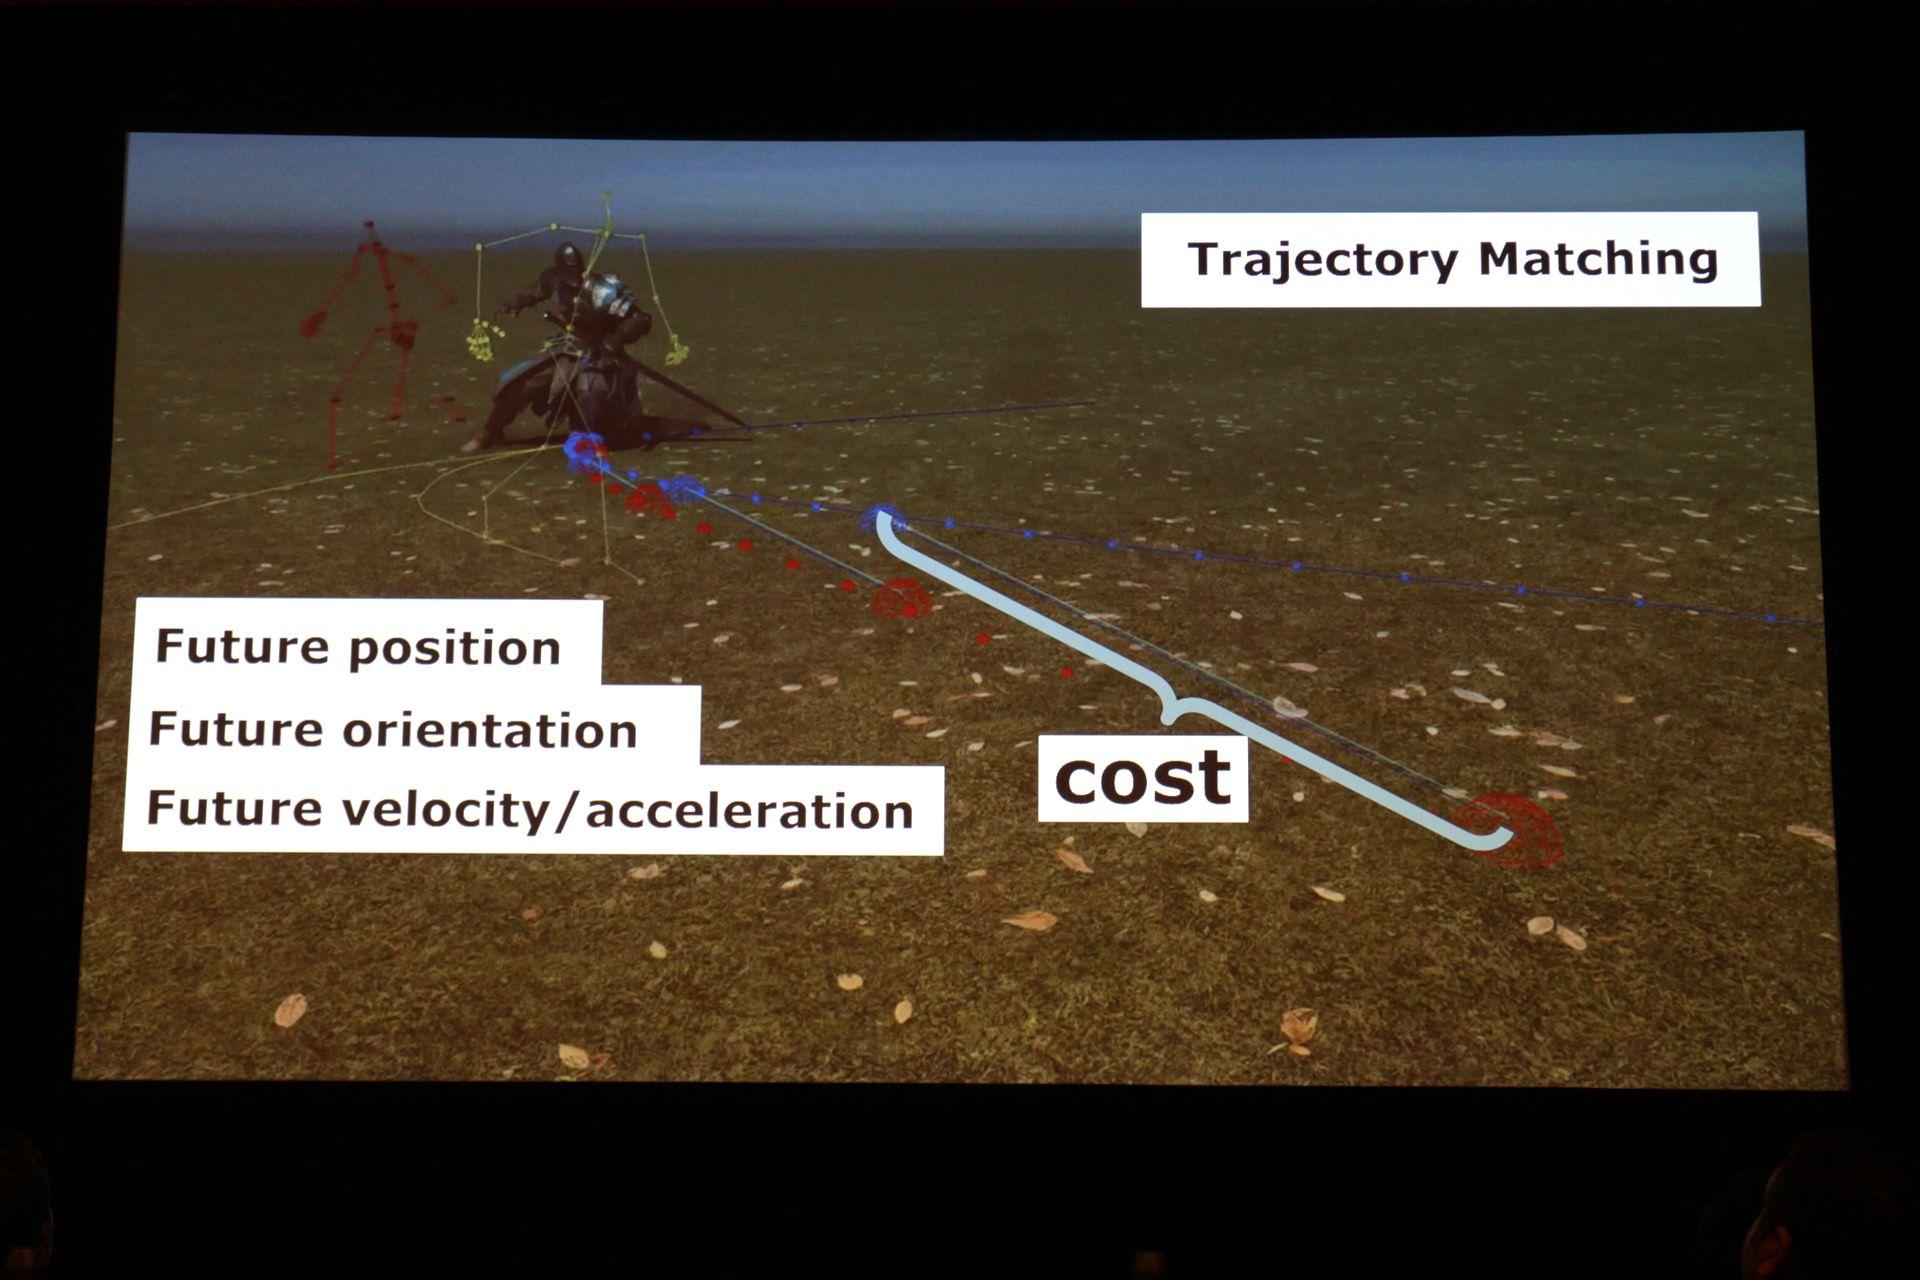 プレーヤーの入力を基準に向かうべき方向を予測し、それに近い移動方向・将来位置・将来姿勢を持つアニメーションを選択する